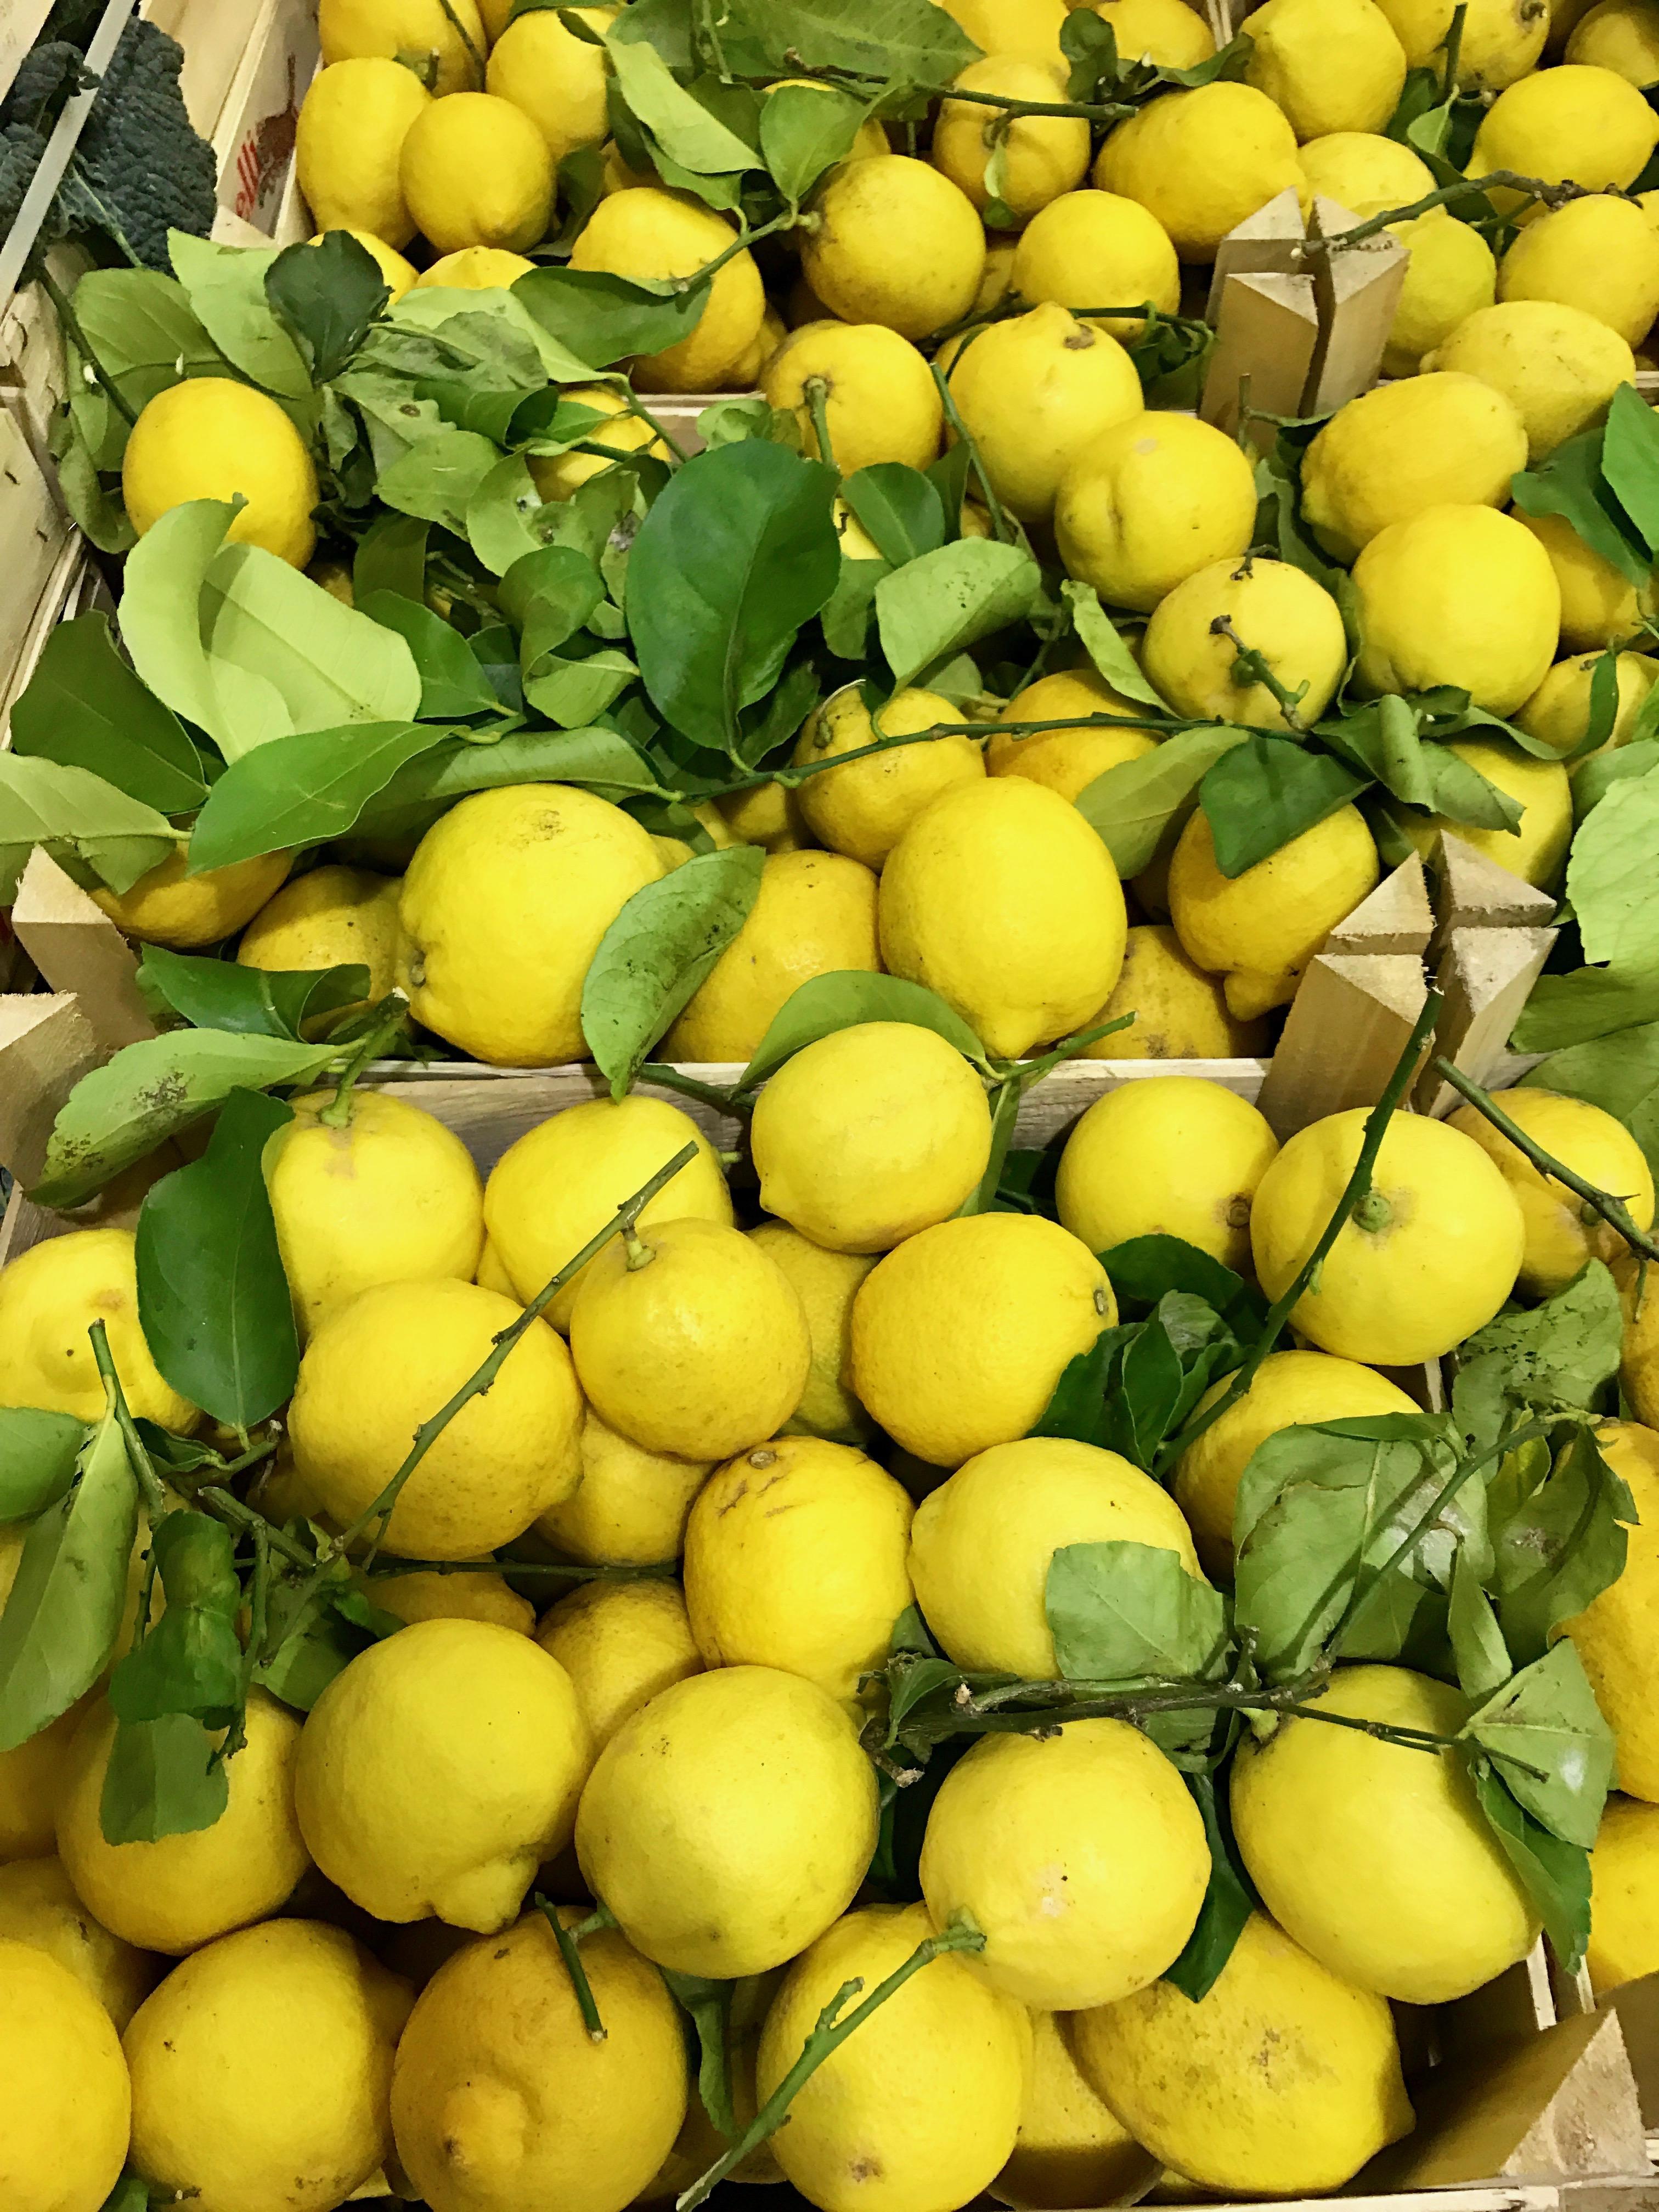 Zitronen vom Großmarkt